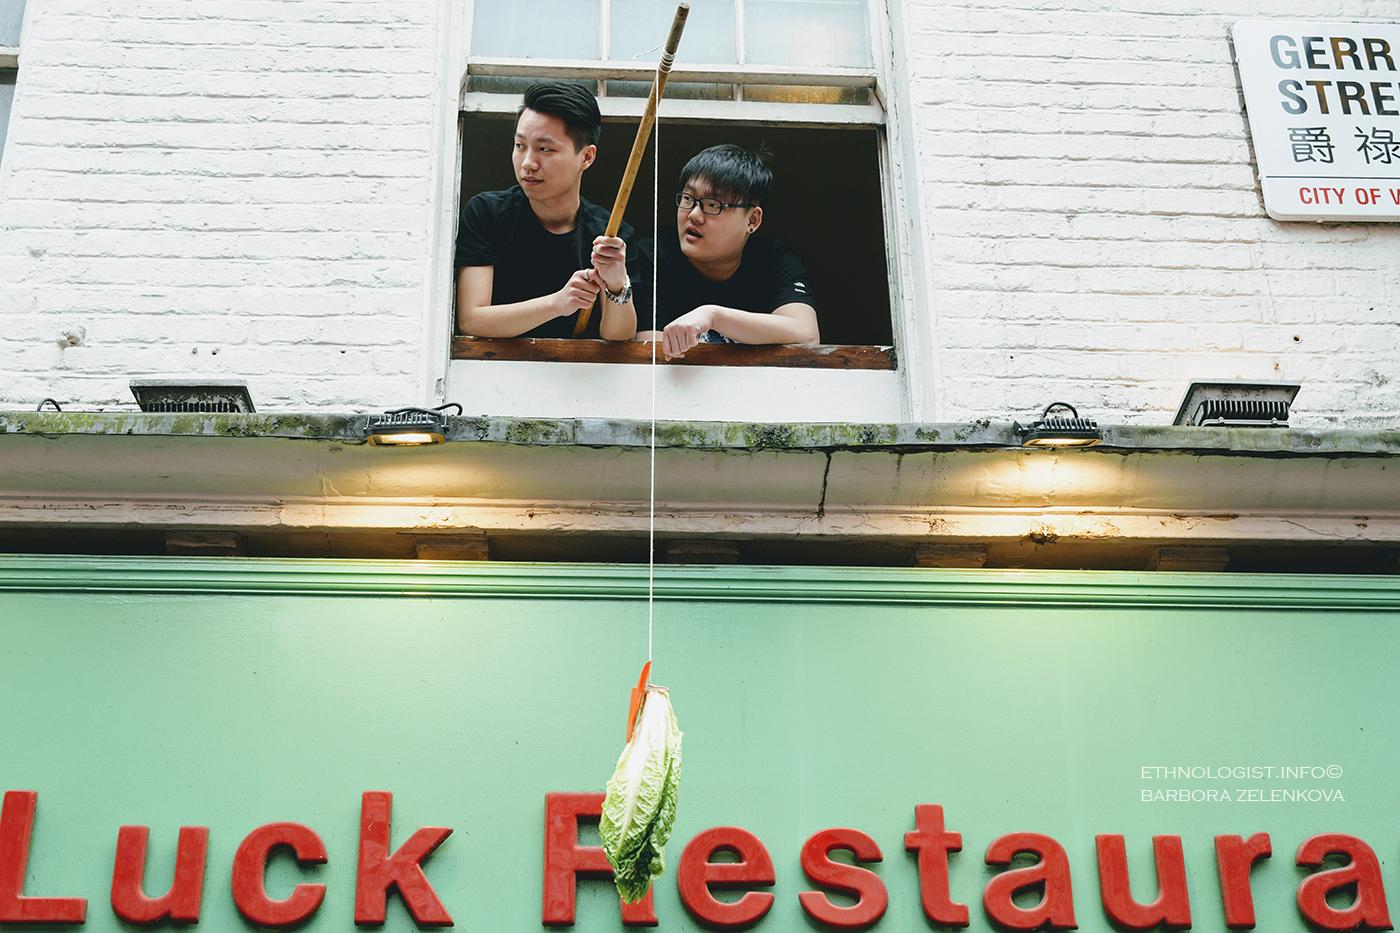 """Čínské """"cai ching"""" neboli chycení salátu, """"cai"""", v čínštině synonymem pro salát i štěstí. Foto: Barbora Zelenková, Londýn, 2018."""